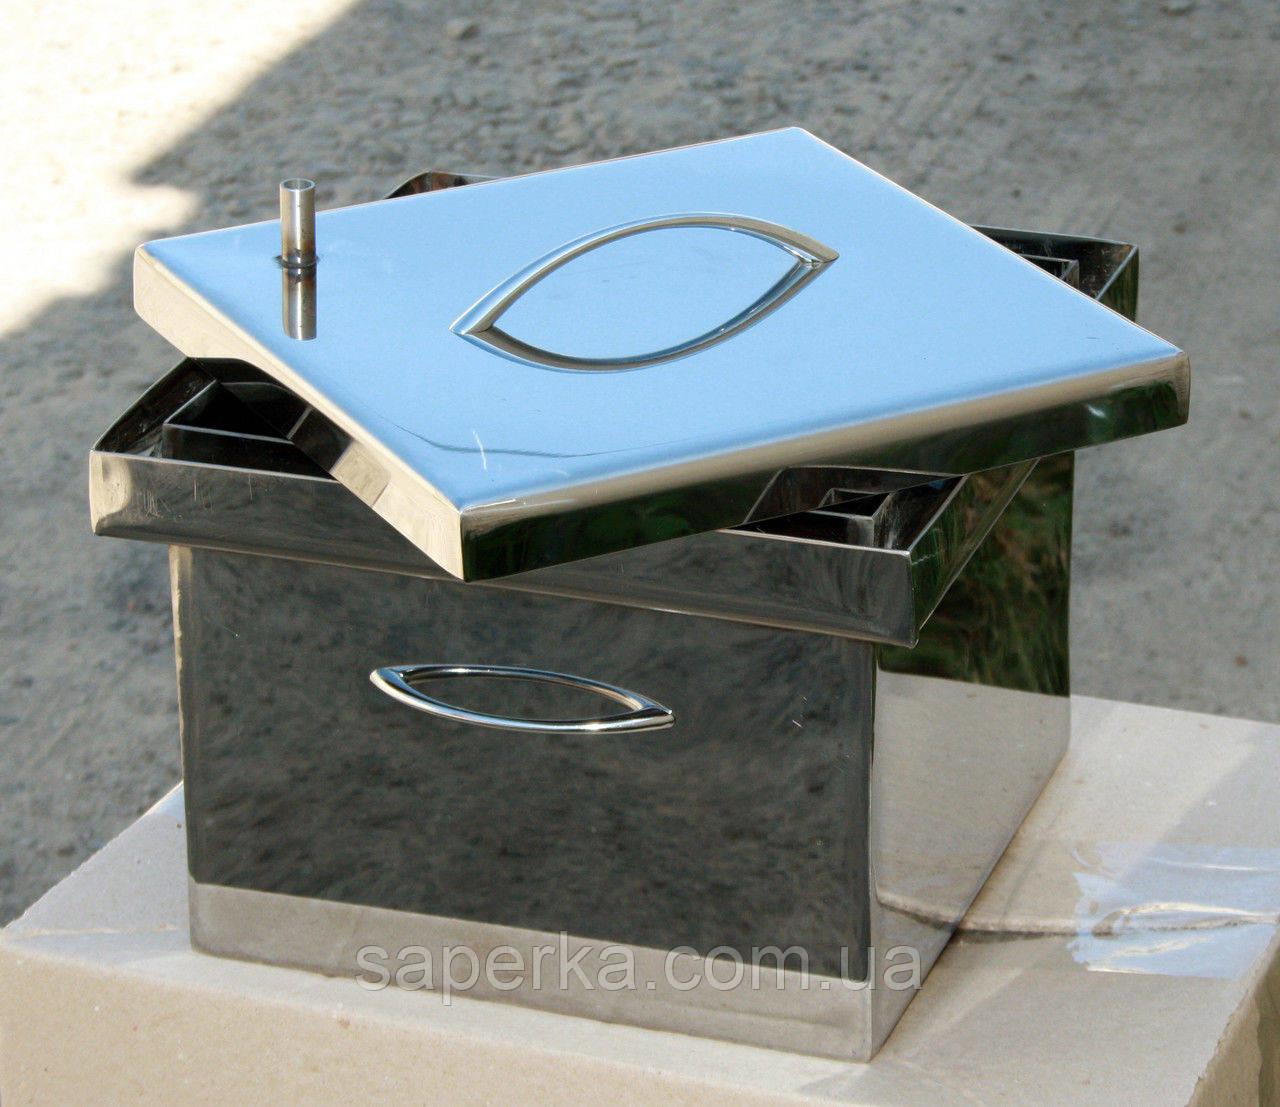 Мини коптильня из нержавеющей стали (300х300х200)